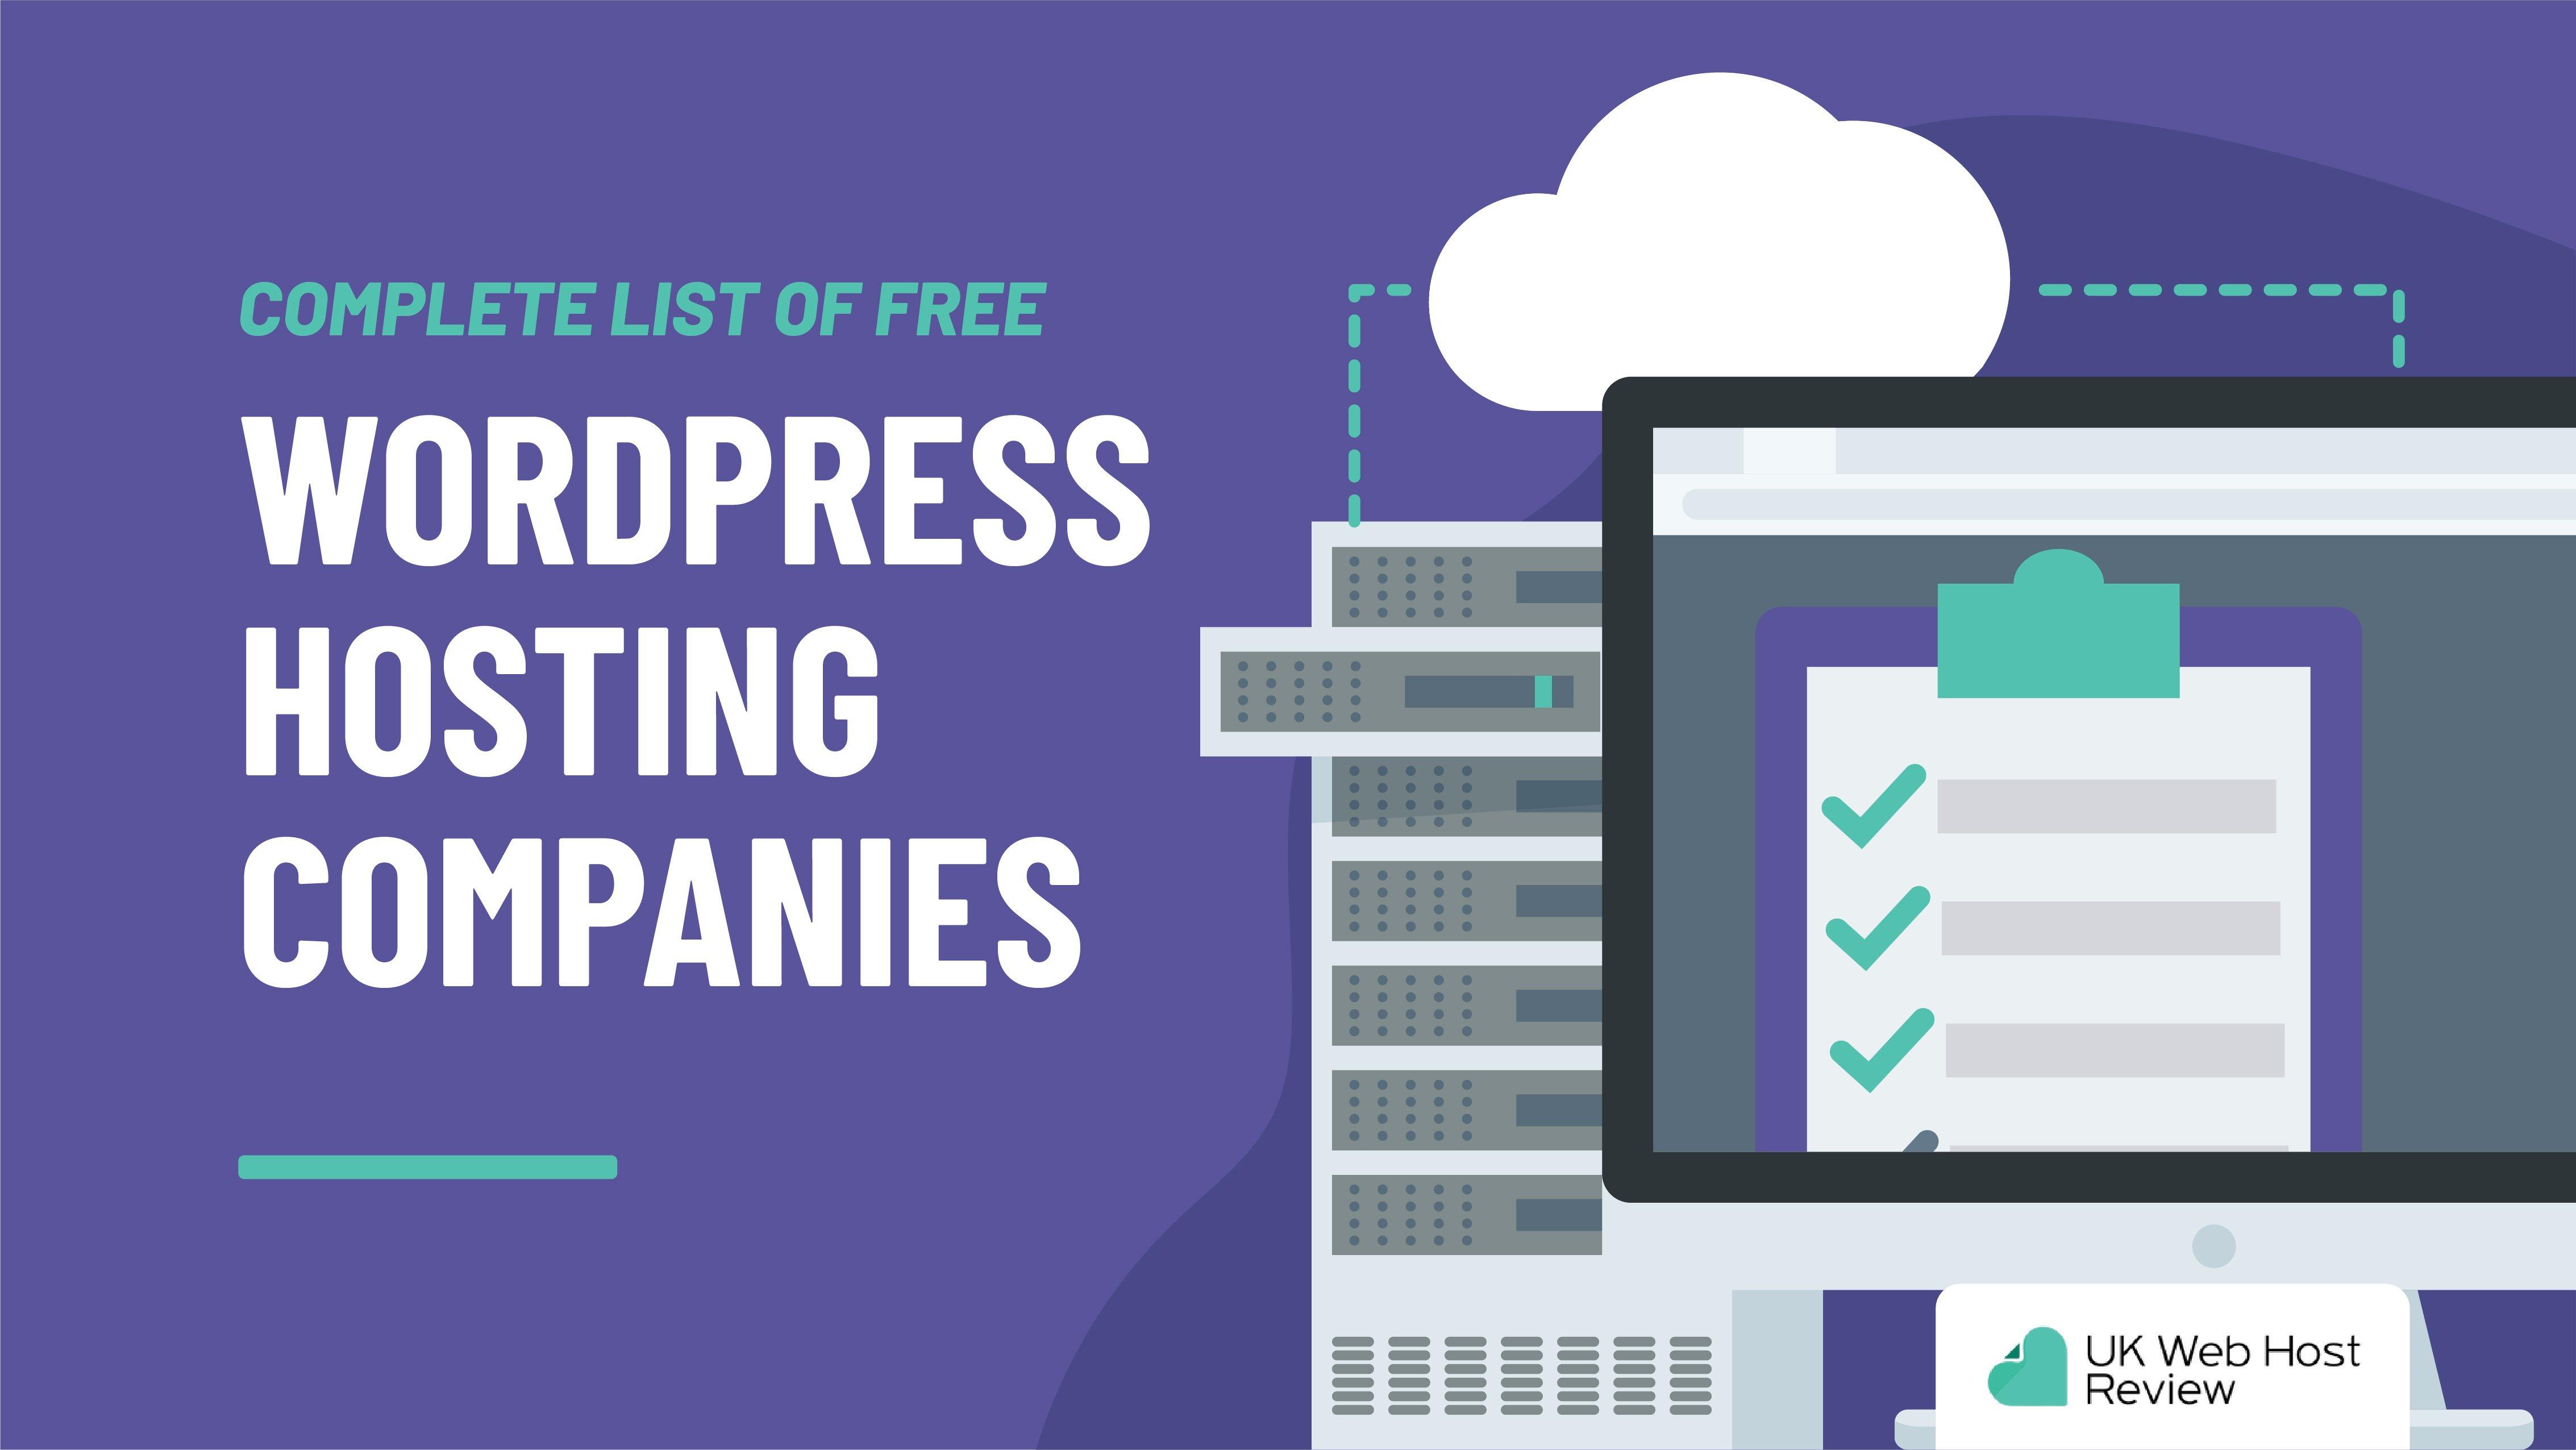 7 Best Free WordPress Hosting Companies of 2021